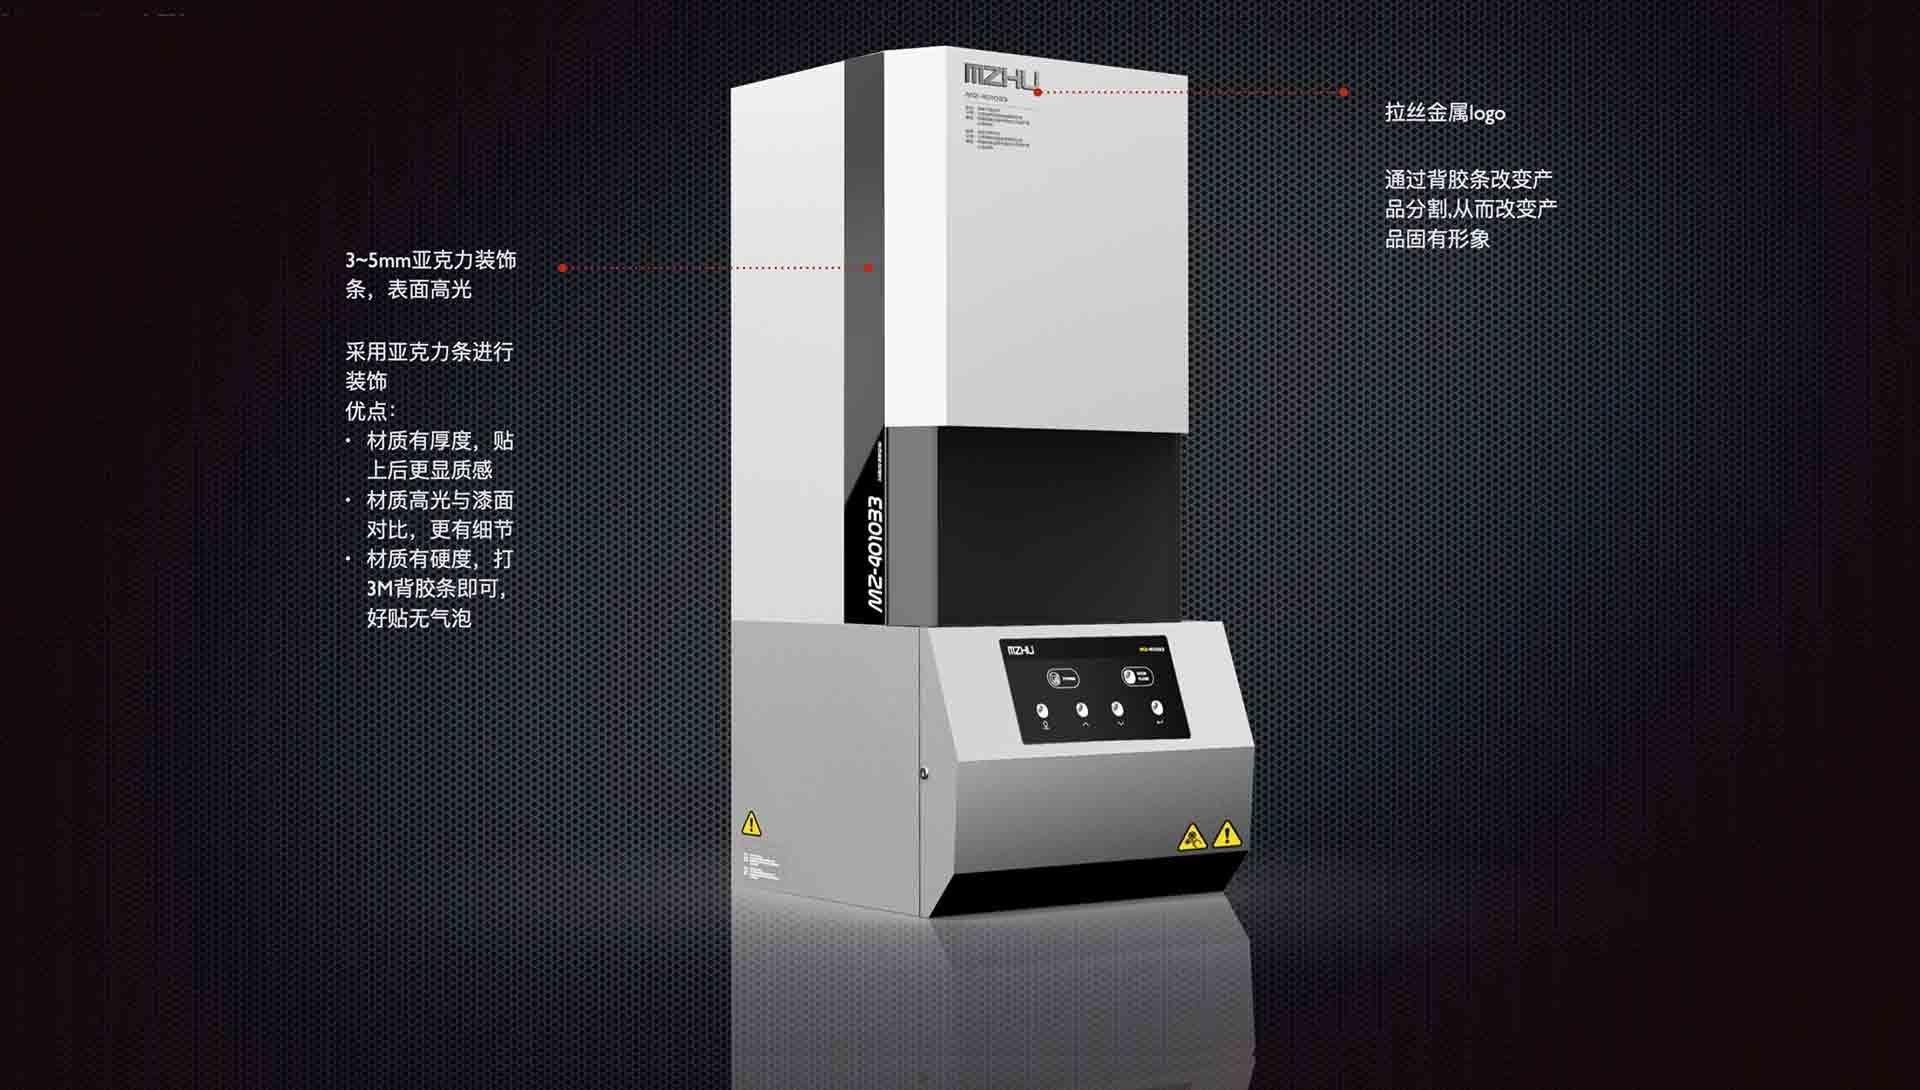 硫化测试仪